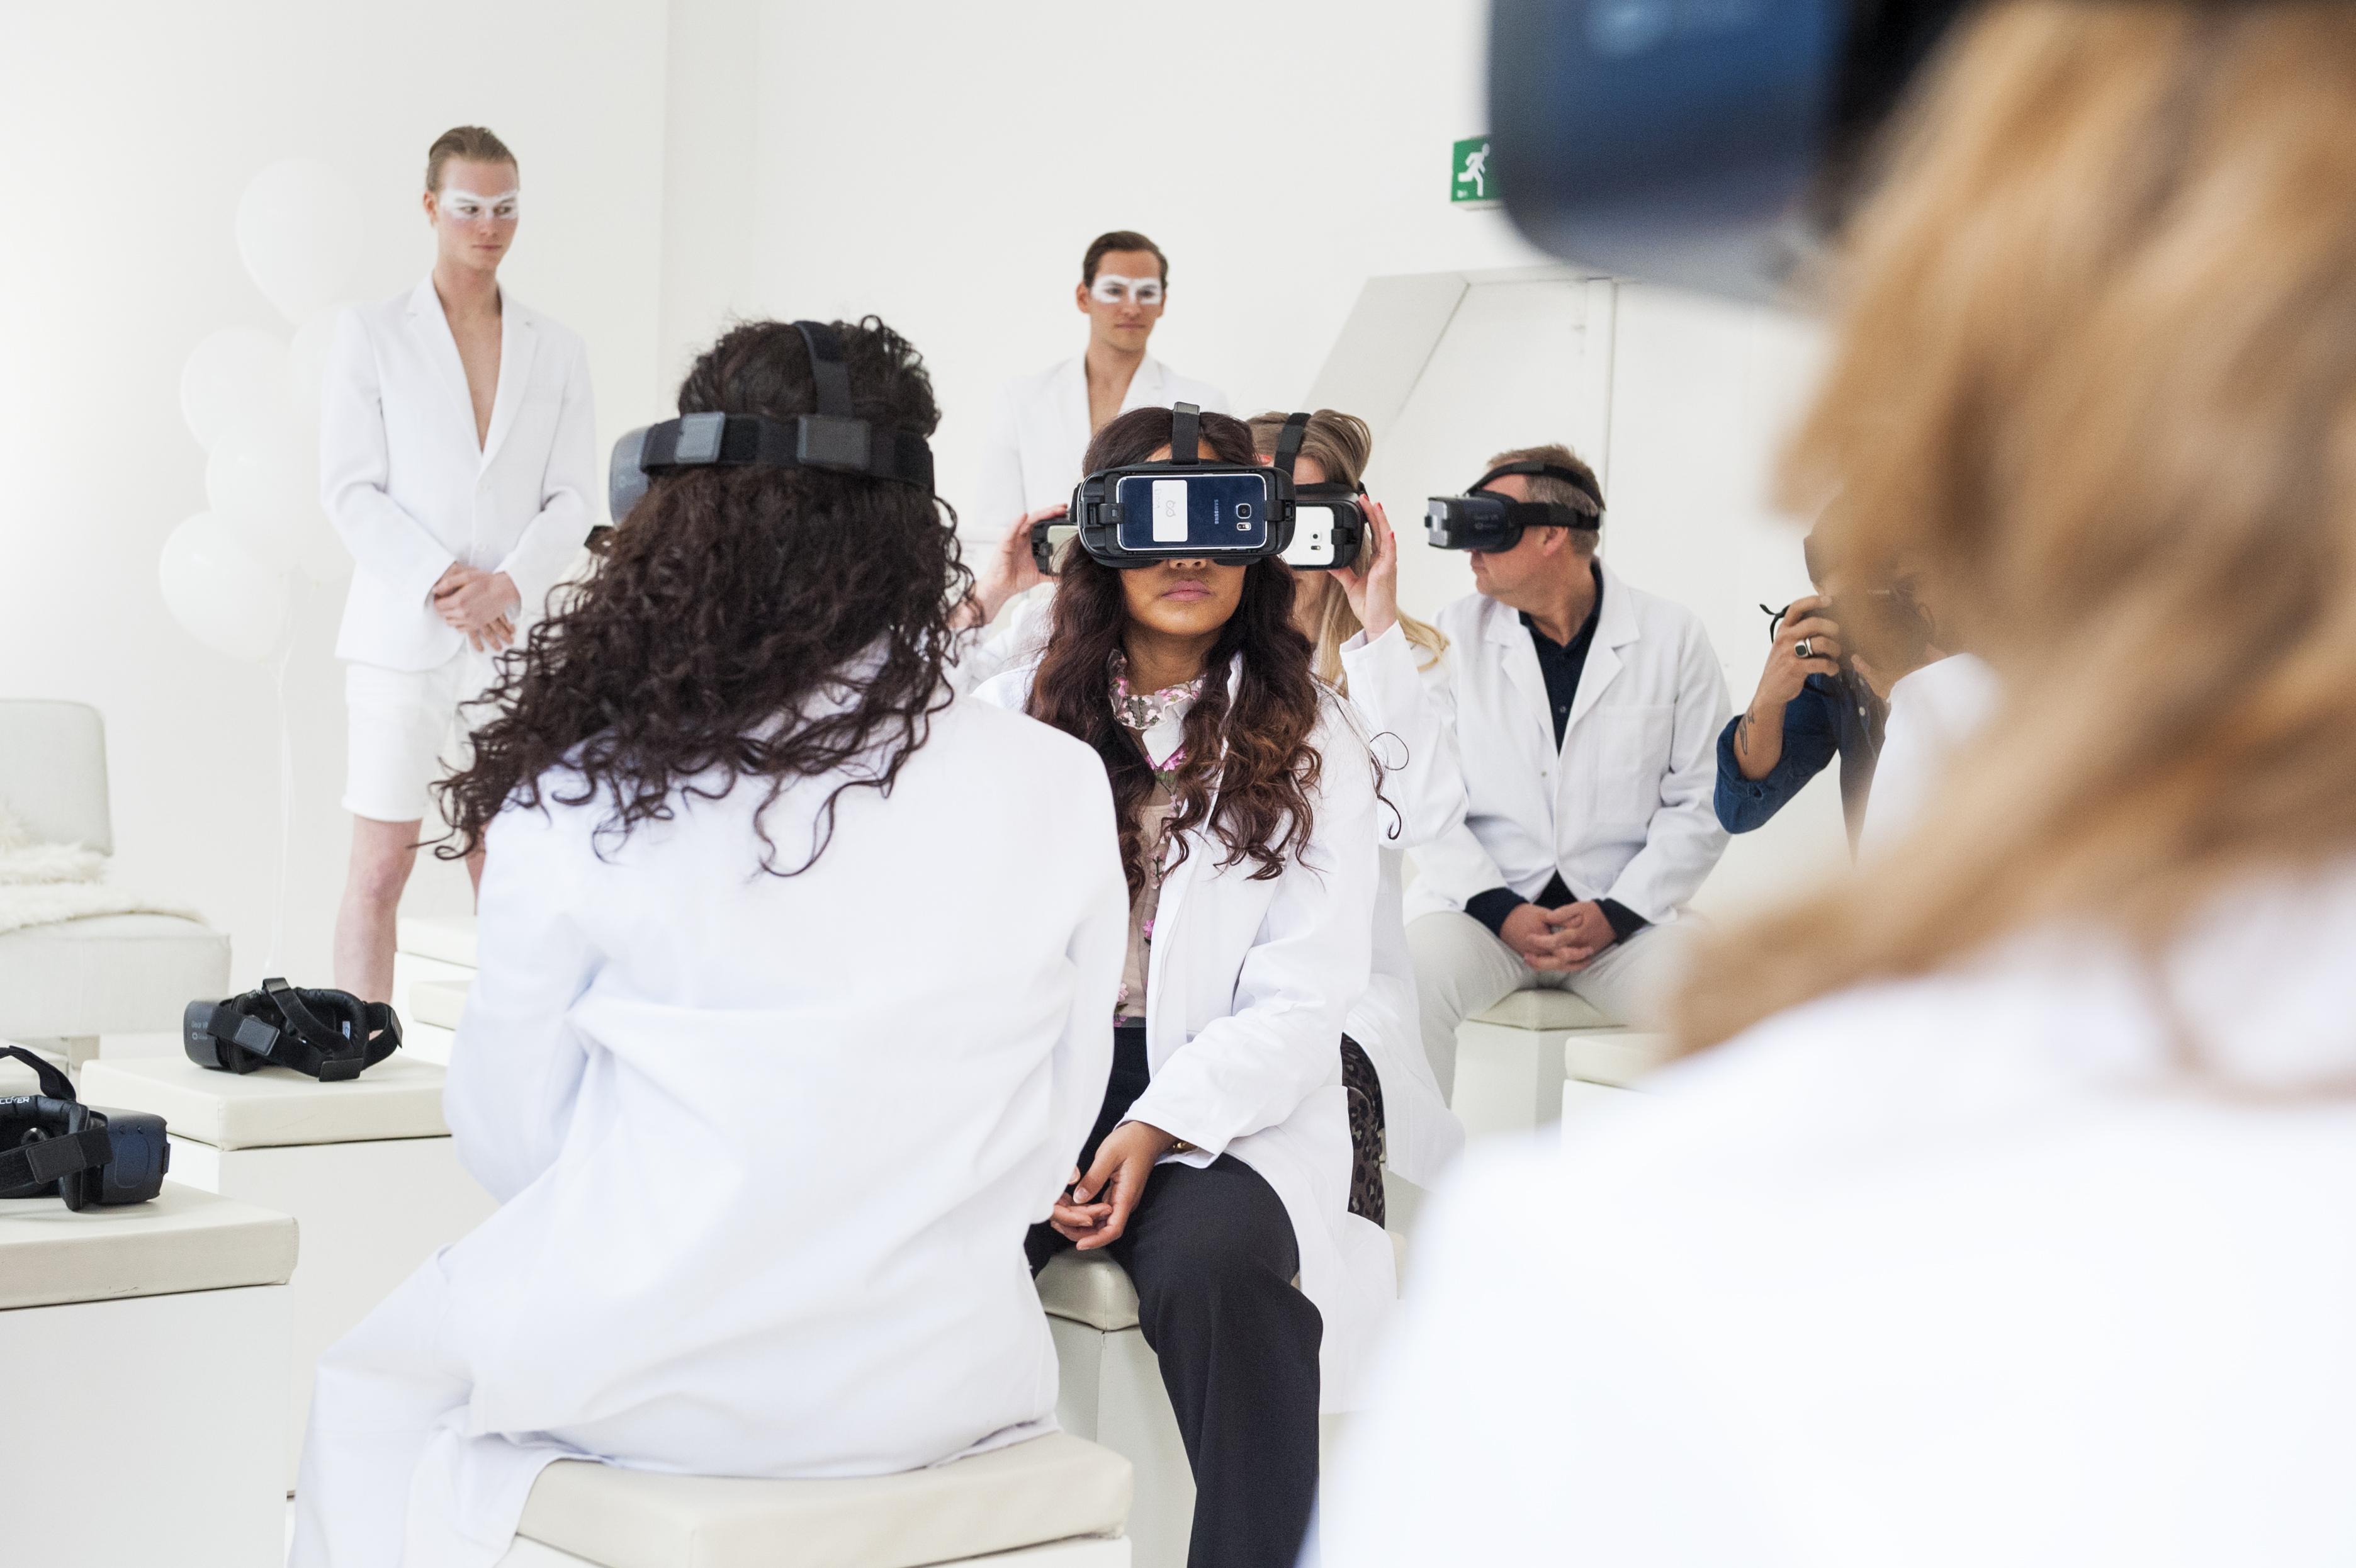 VR-streamen kan ook met een knipoog en stijl